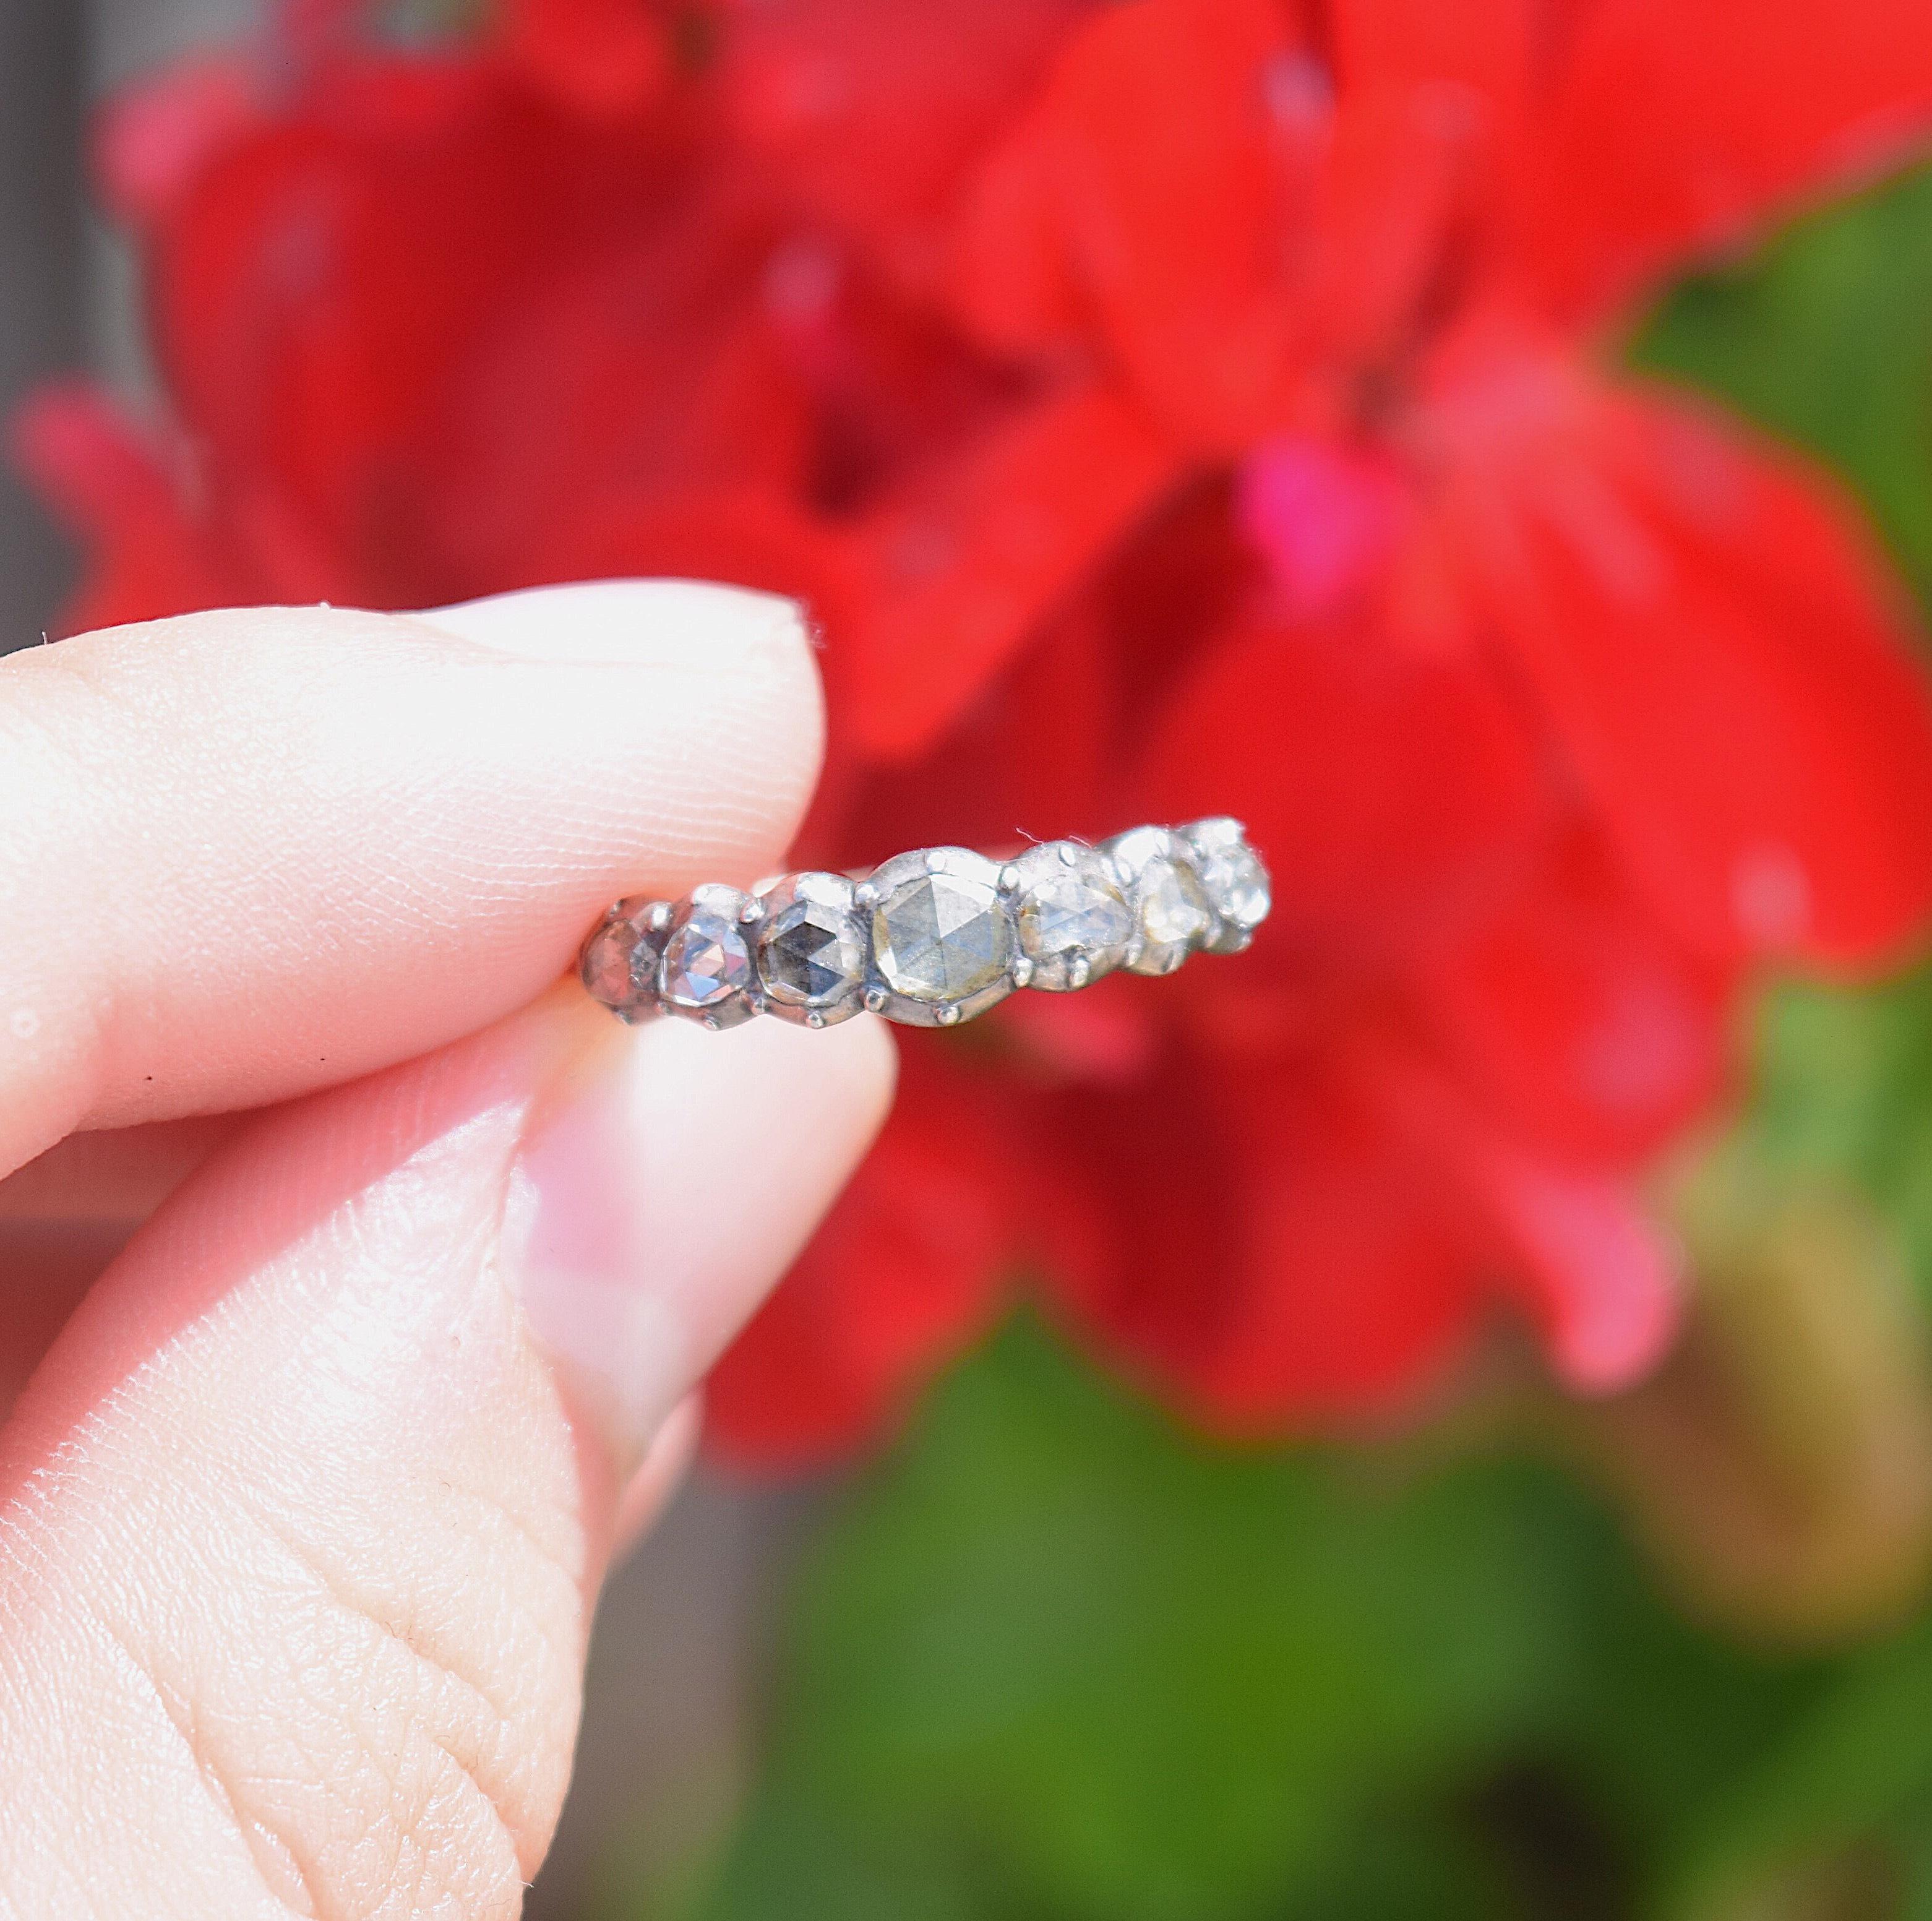 טבעת חצי איטרניטי ג'ורג'יאנית.